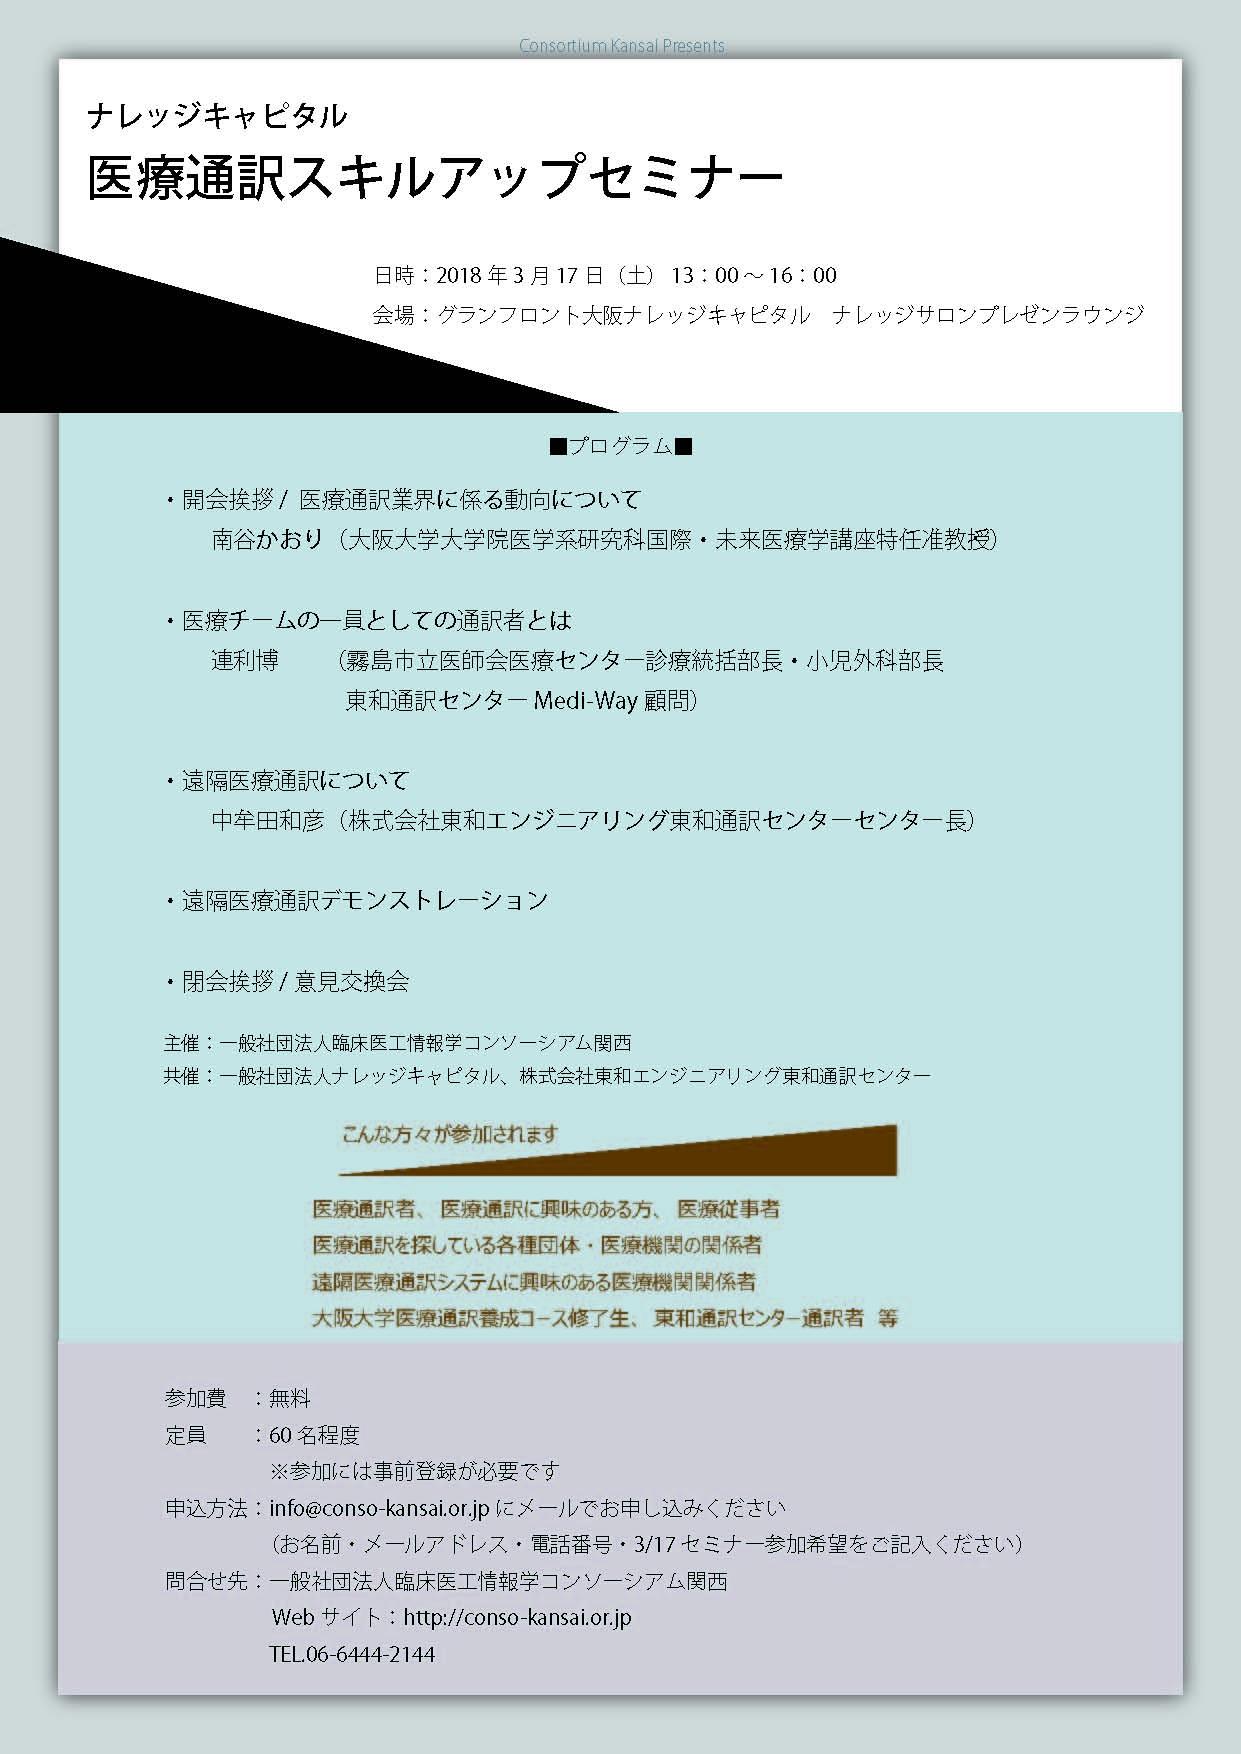 http://conso-kansai.or.jp/events/%E5%8C%BB%E7%99%82%E9%80%9A%E8%A8%B3%E3%82%BB%E3%83%9F%E3%83%8A%E3%83%BC.jpg